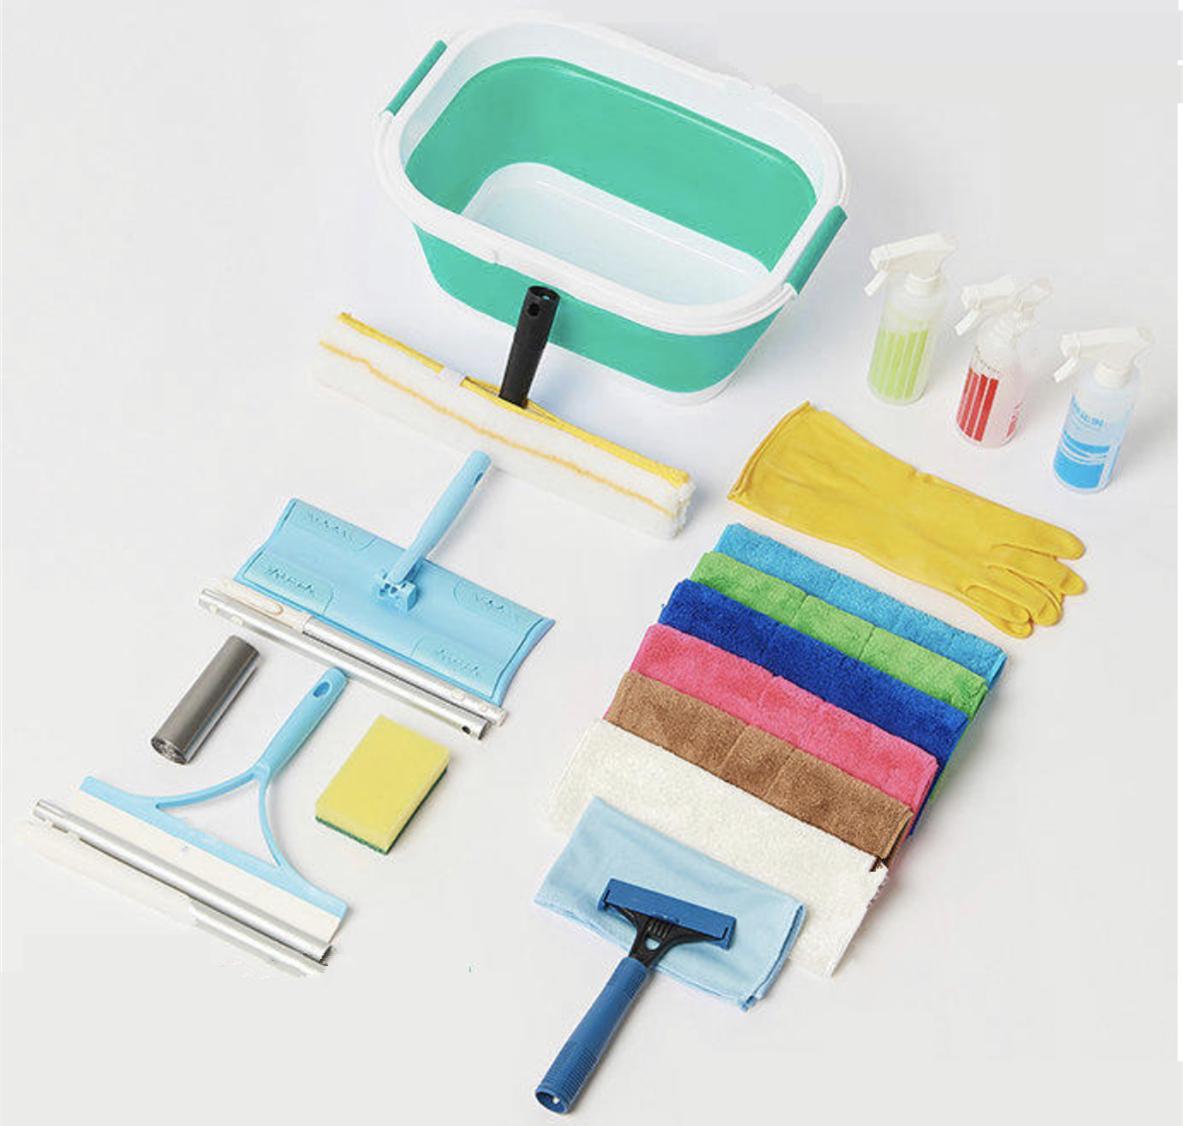 日式居家保洁师,给年轻家庭的8点家务建议 家务技巧 第5张